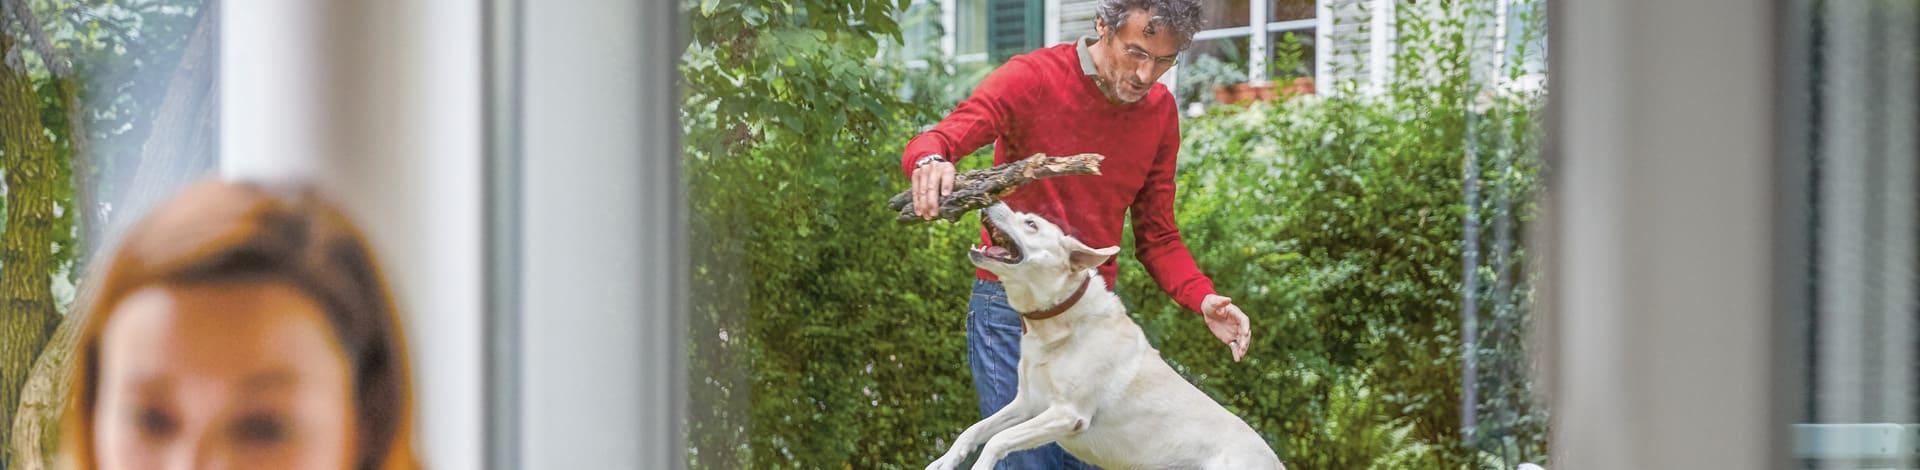 Assicurazione animali da compagnia copertura ottimale per for Assicurazione mobilia domestica